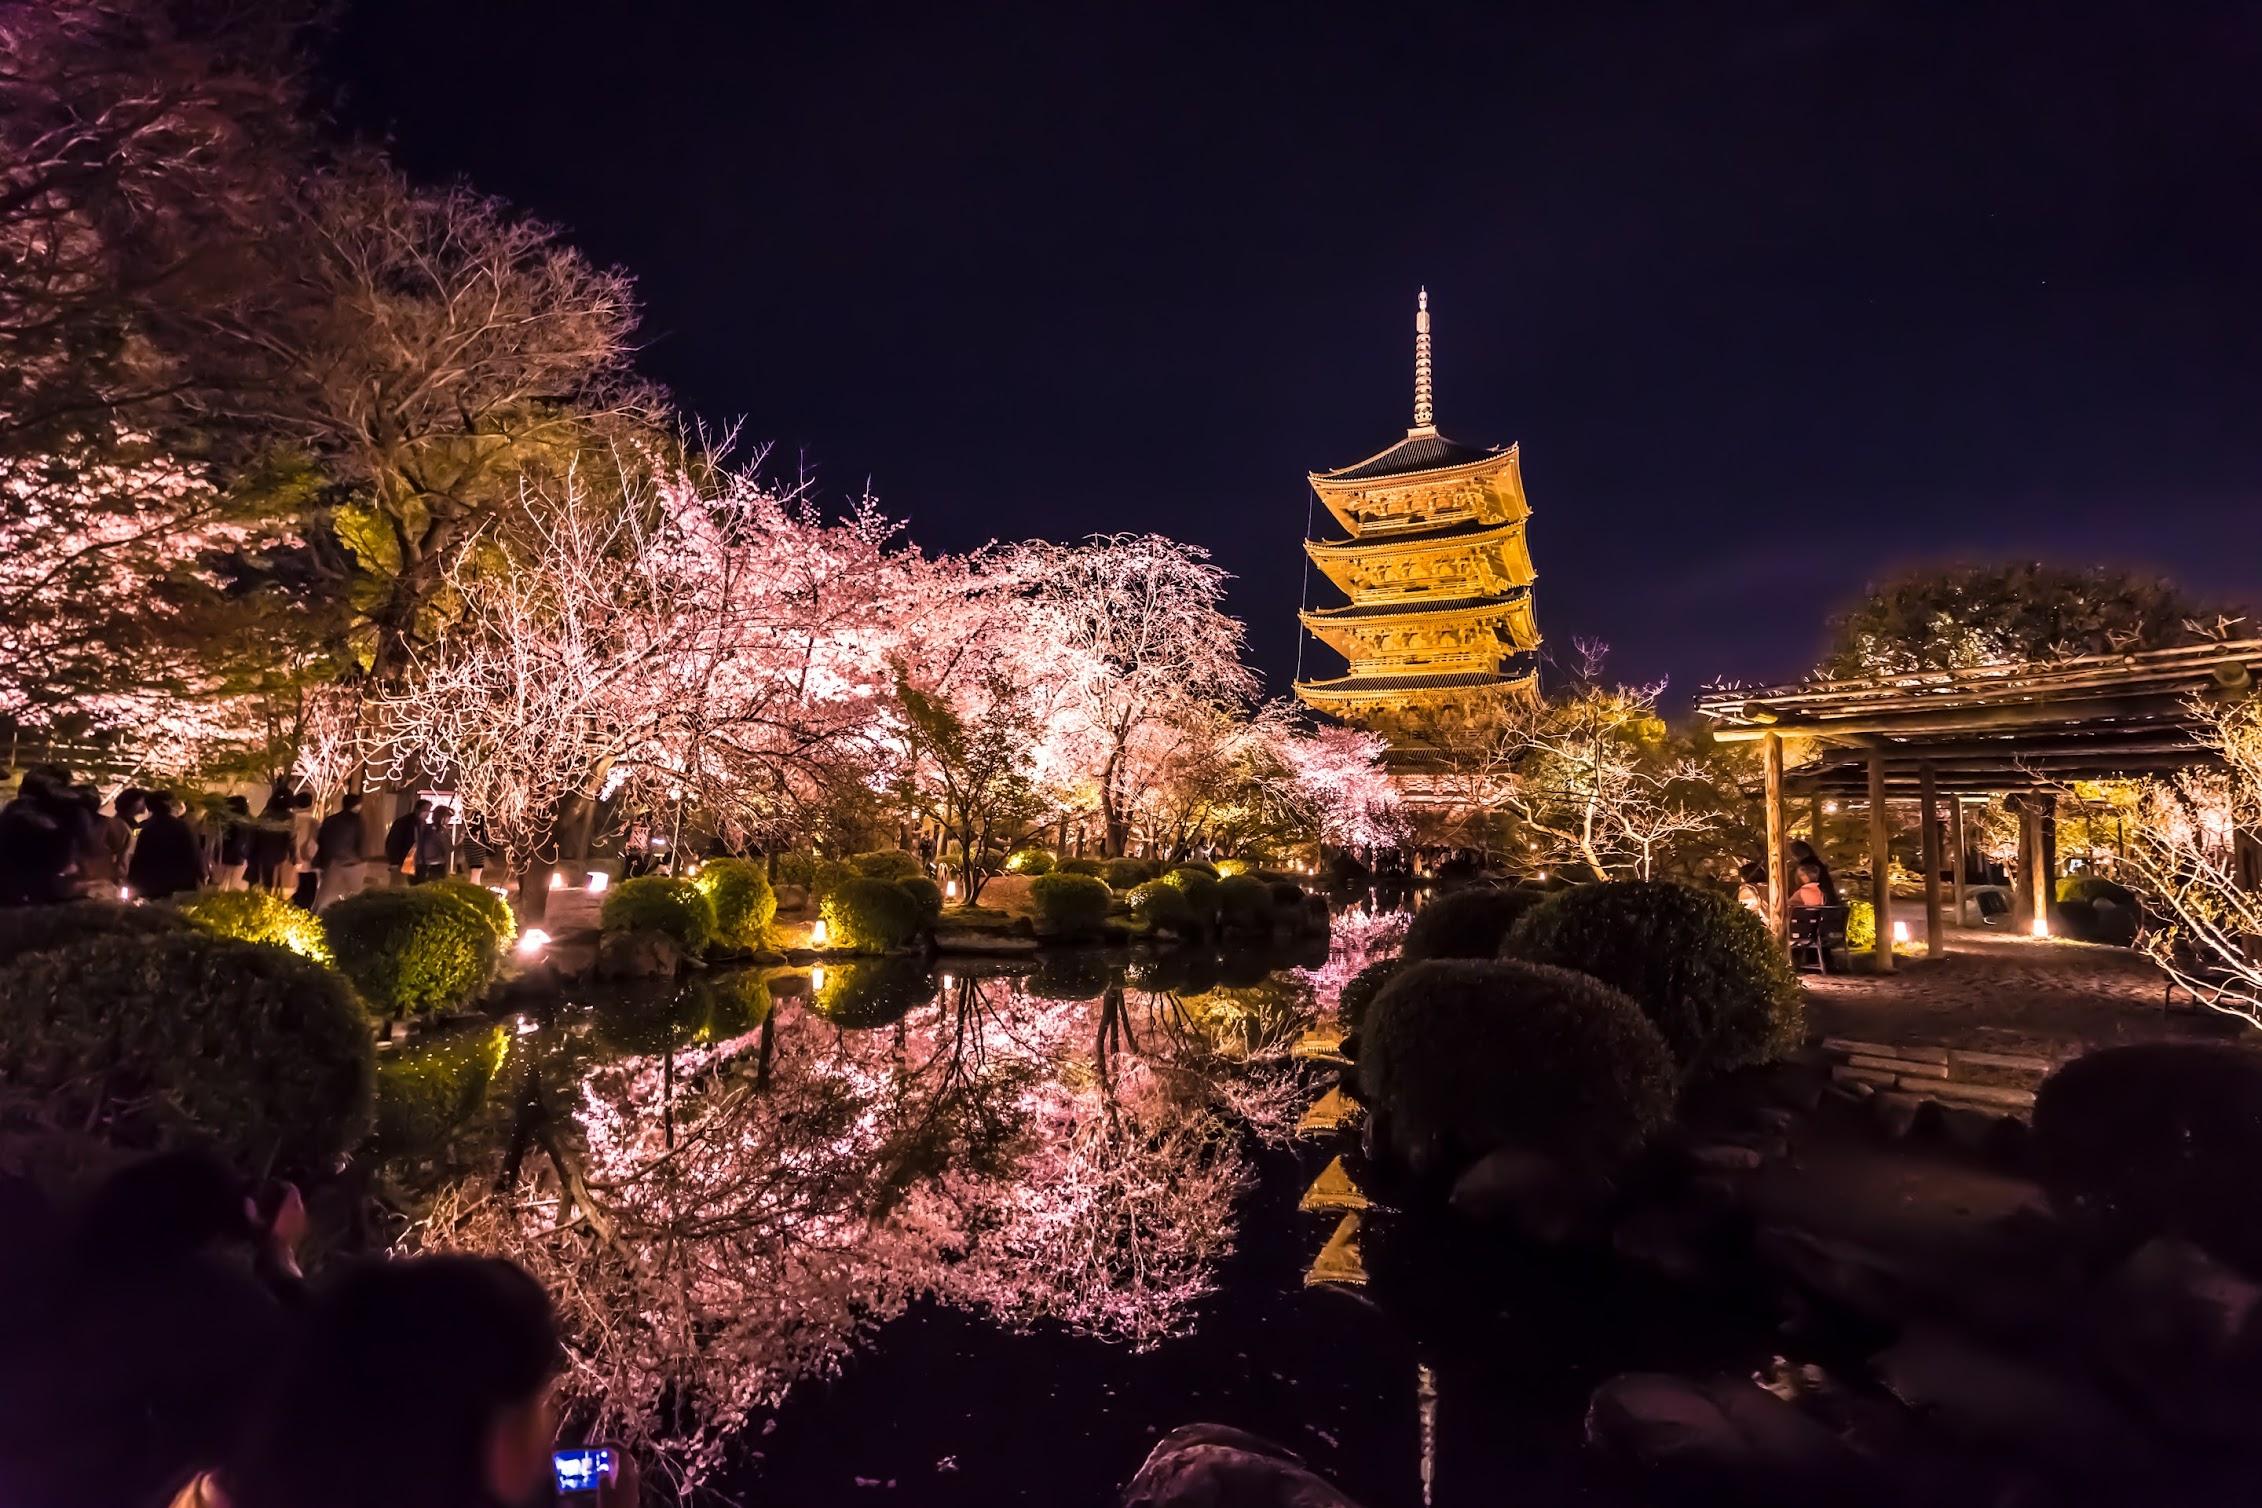 京都 東寺 桜 ライトアップ4